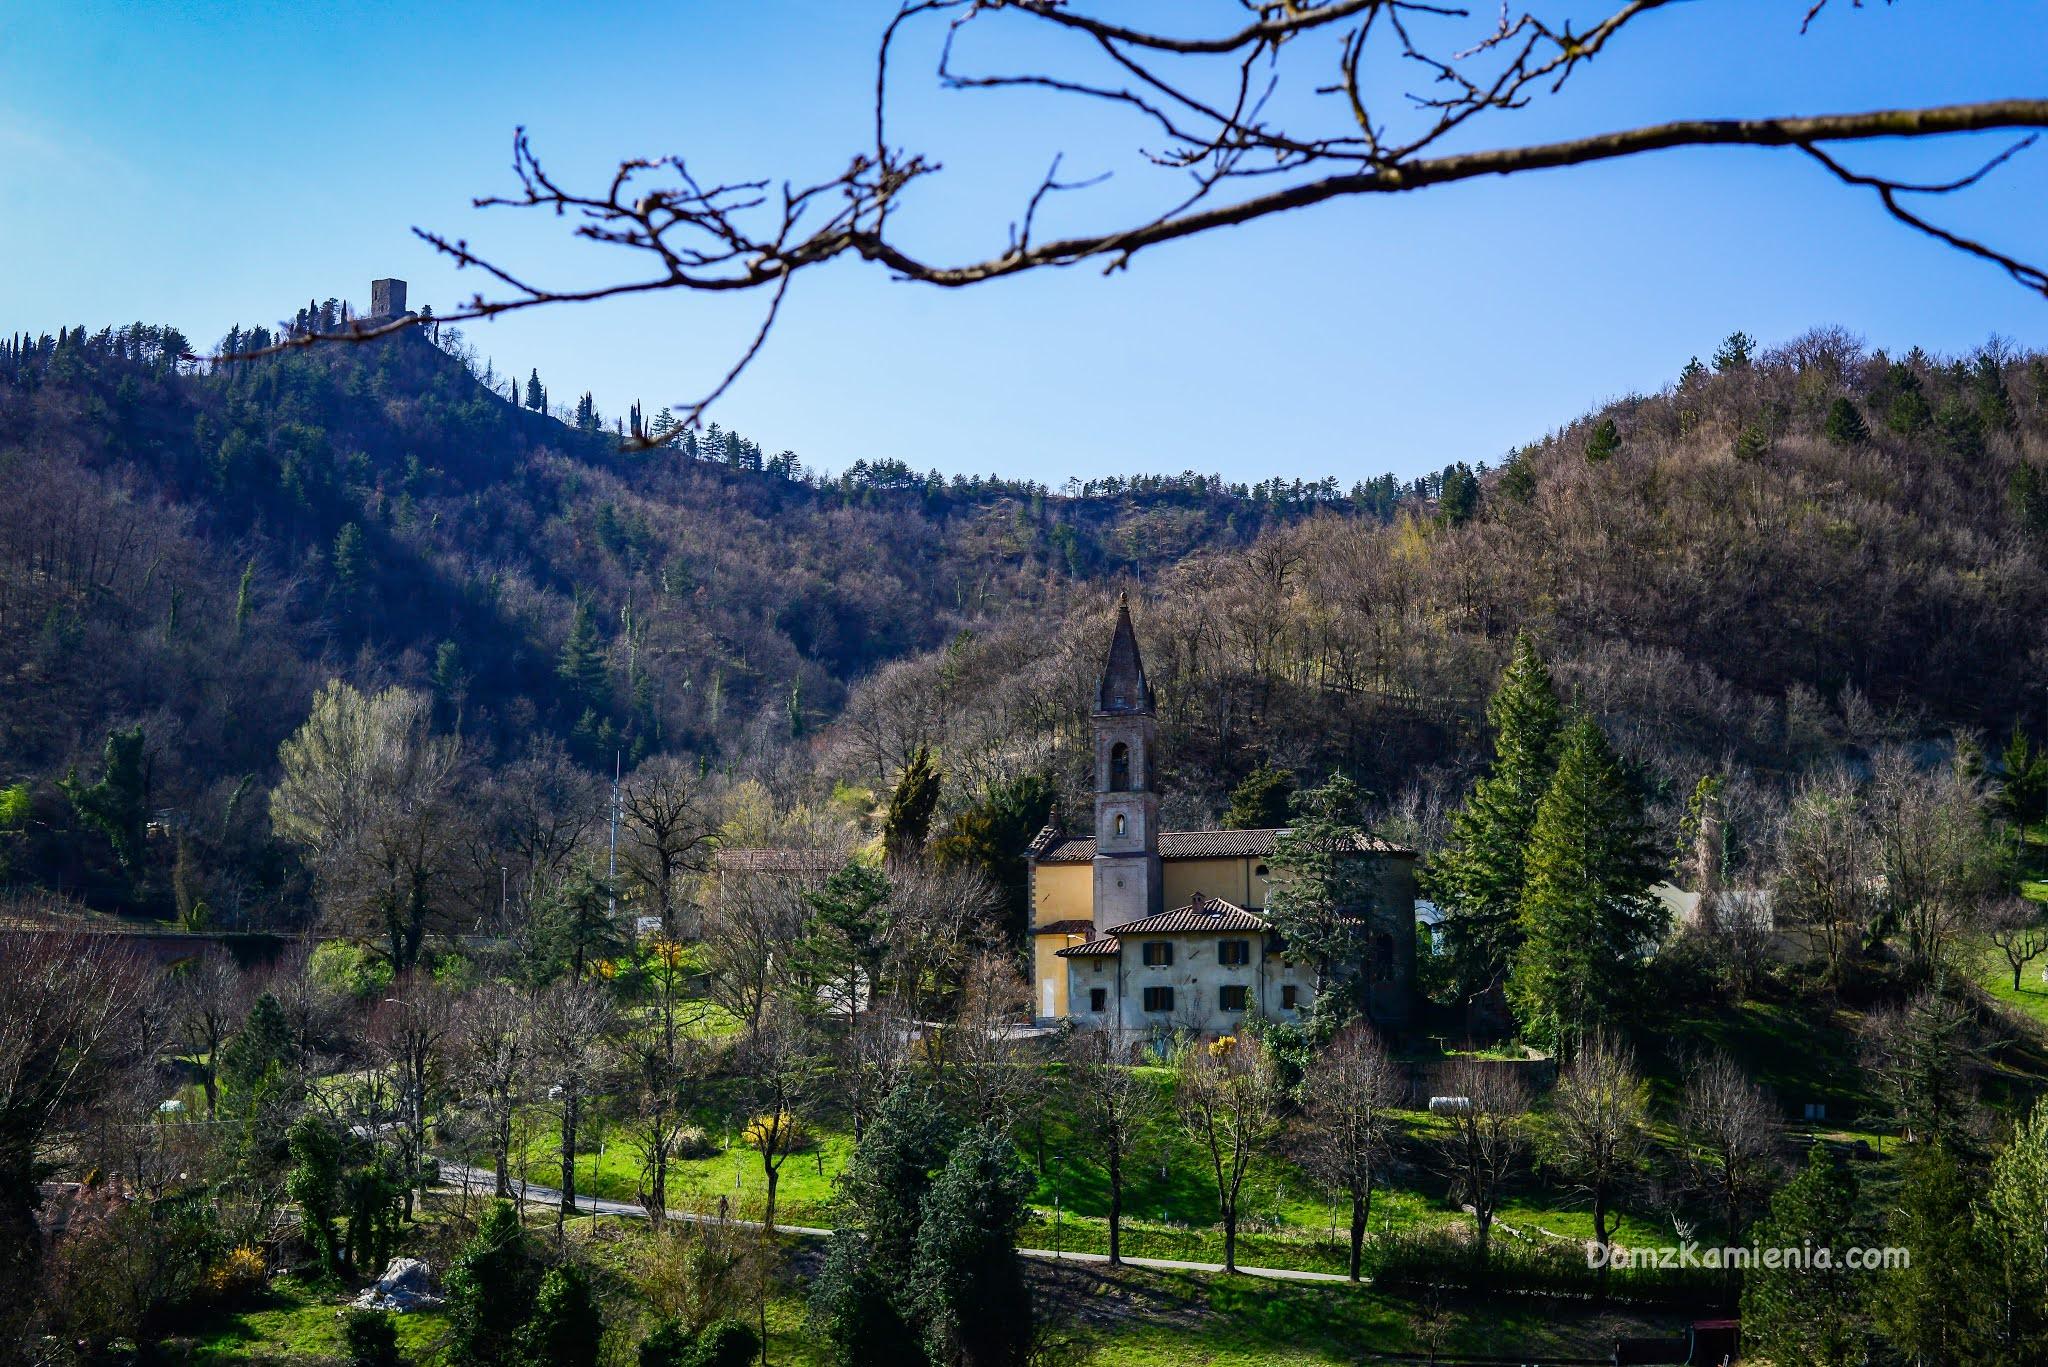 Biforco, Marradi, Dom z Kamienia blog o życiu w Italii